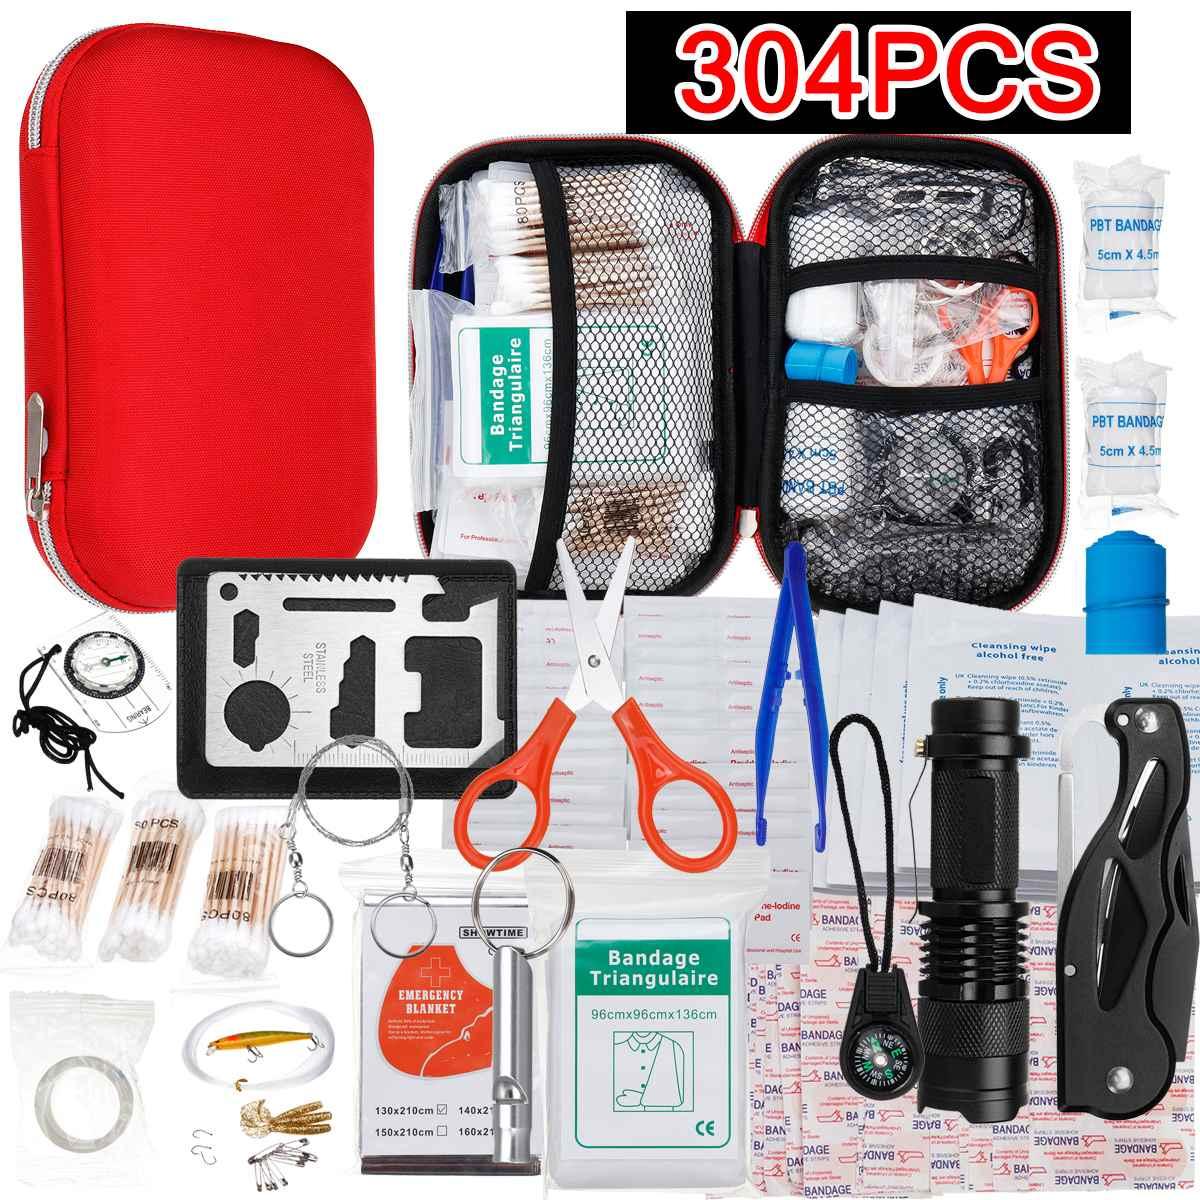 145/261/304 Pcs Kit de Primeiros Socorros Saco Tratamento Pacote de Carro Portátil Ao Ar Livre de Acampamento Caminhadas Kit de Emergência Médica caixa de Resgate sobrevivência